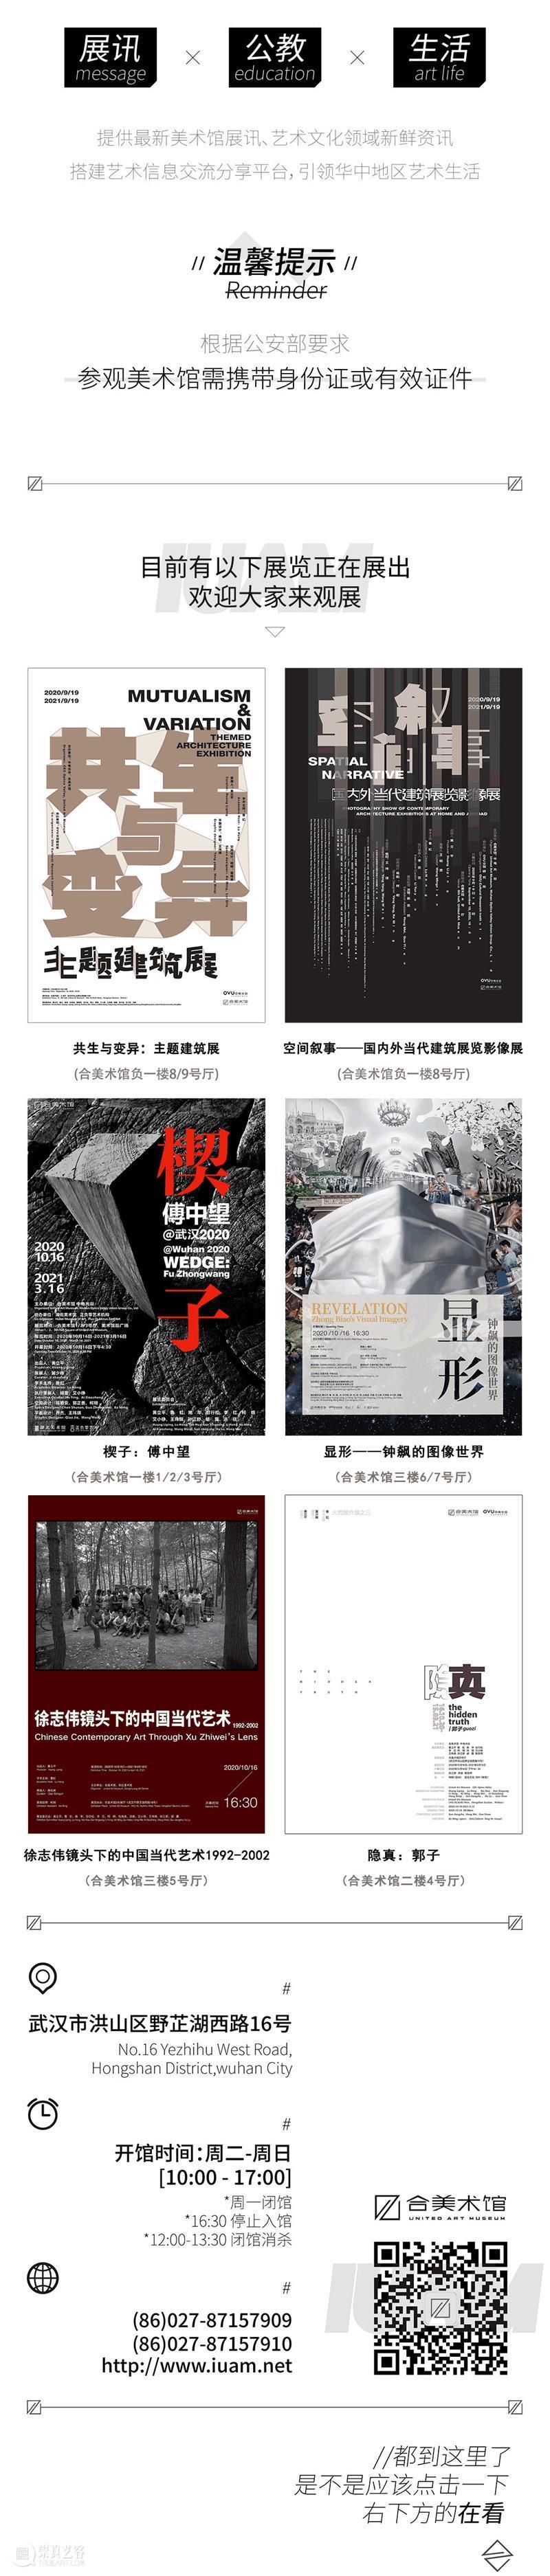 合美术馆将于2月17日起(正月初六)正常开放 合美术馆 初六 时间 事项 线上 口罩 主题 建筑 地点 策展人 崇真艺客